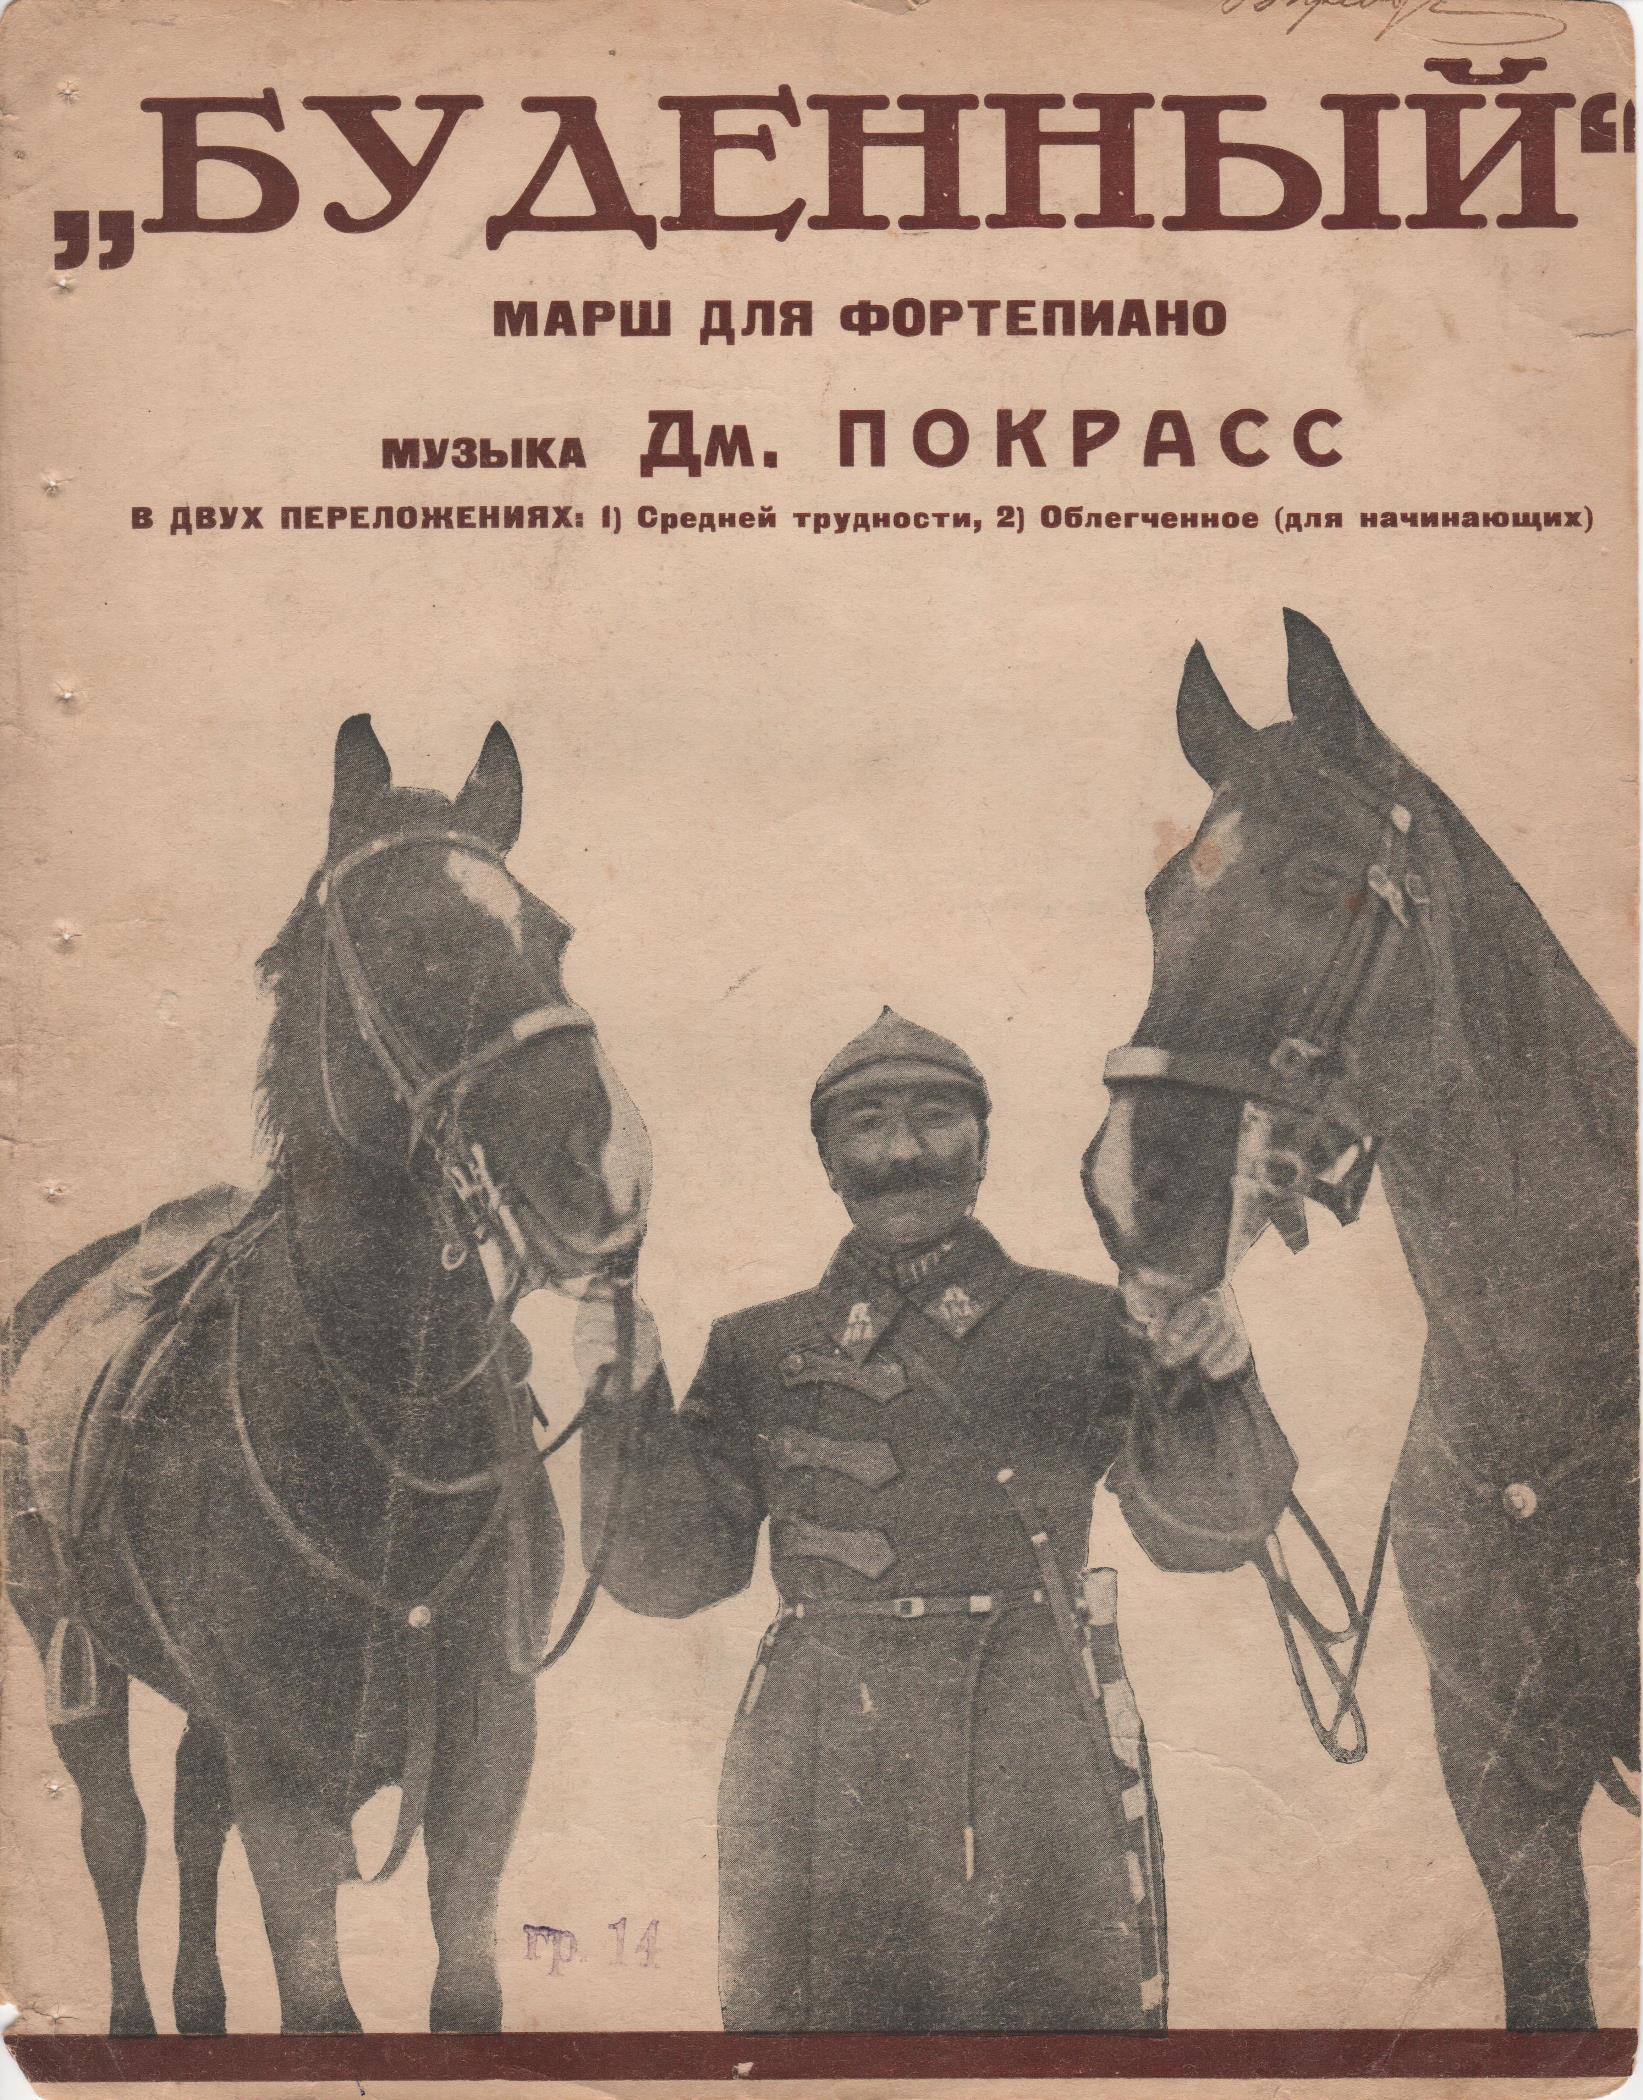 """Партитура """"Буденный"""", марш для фортепиано"""""""